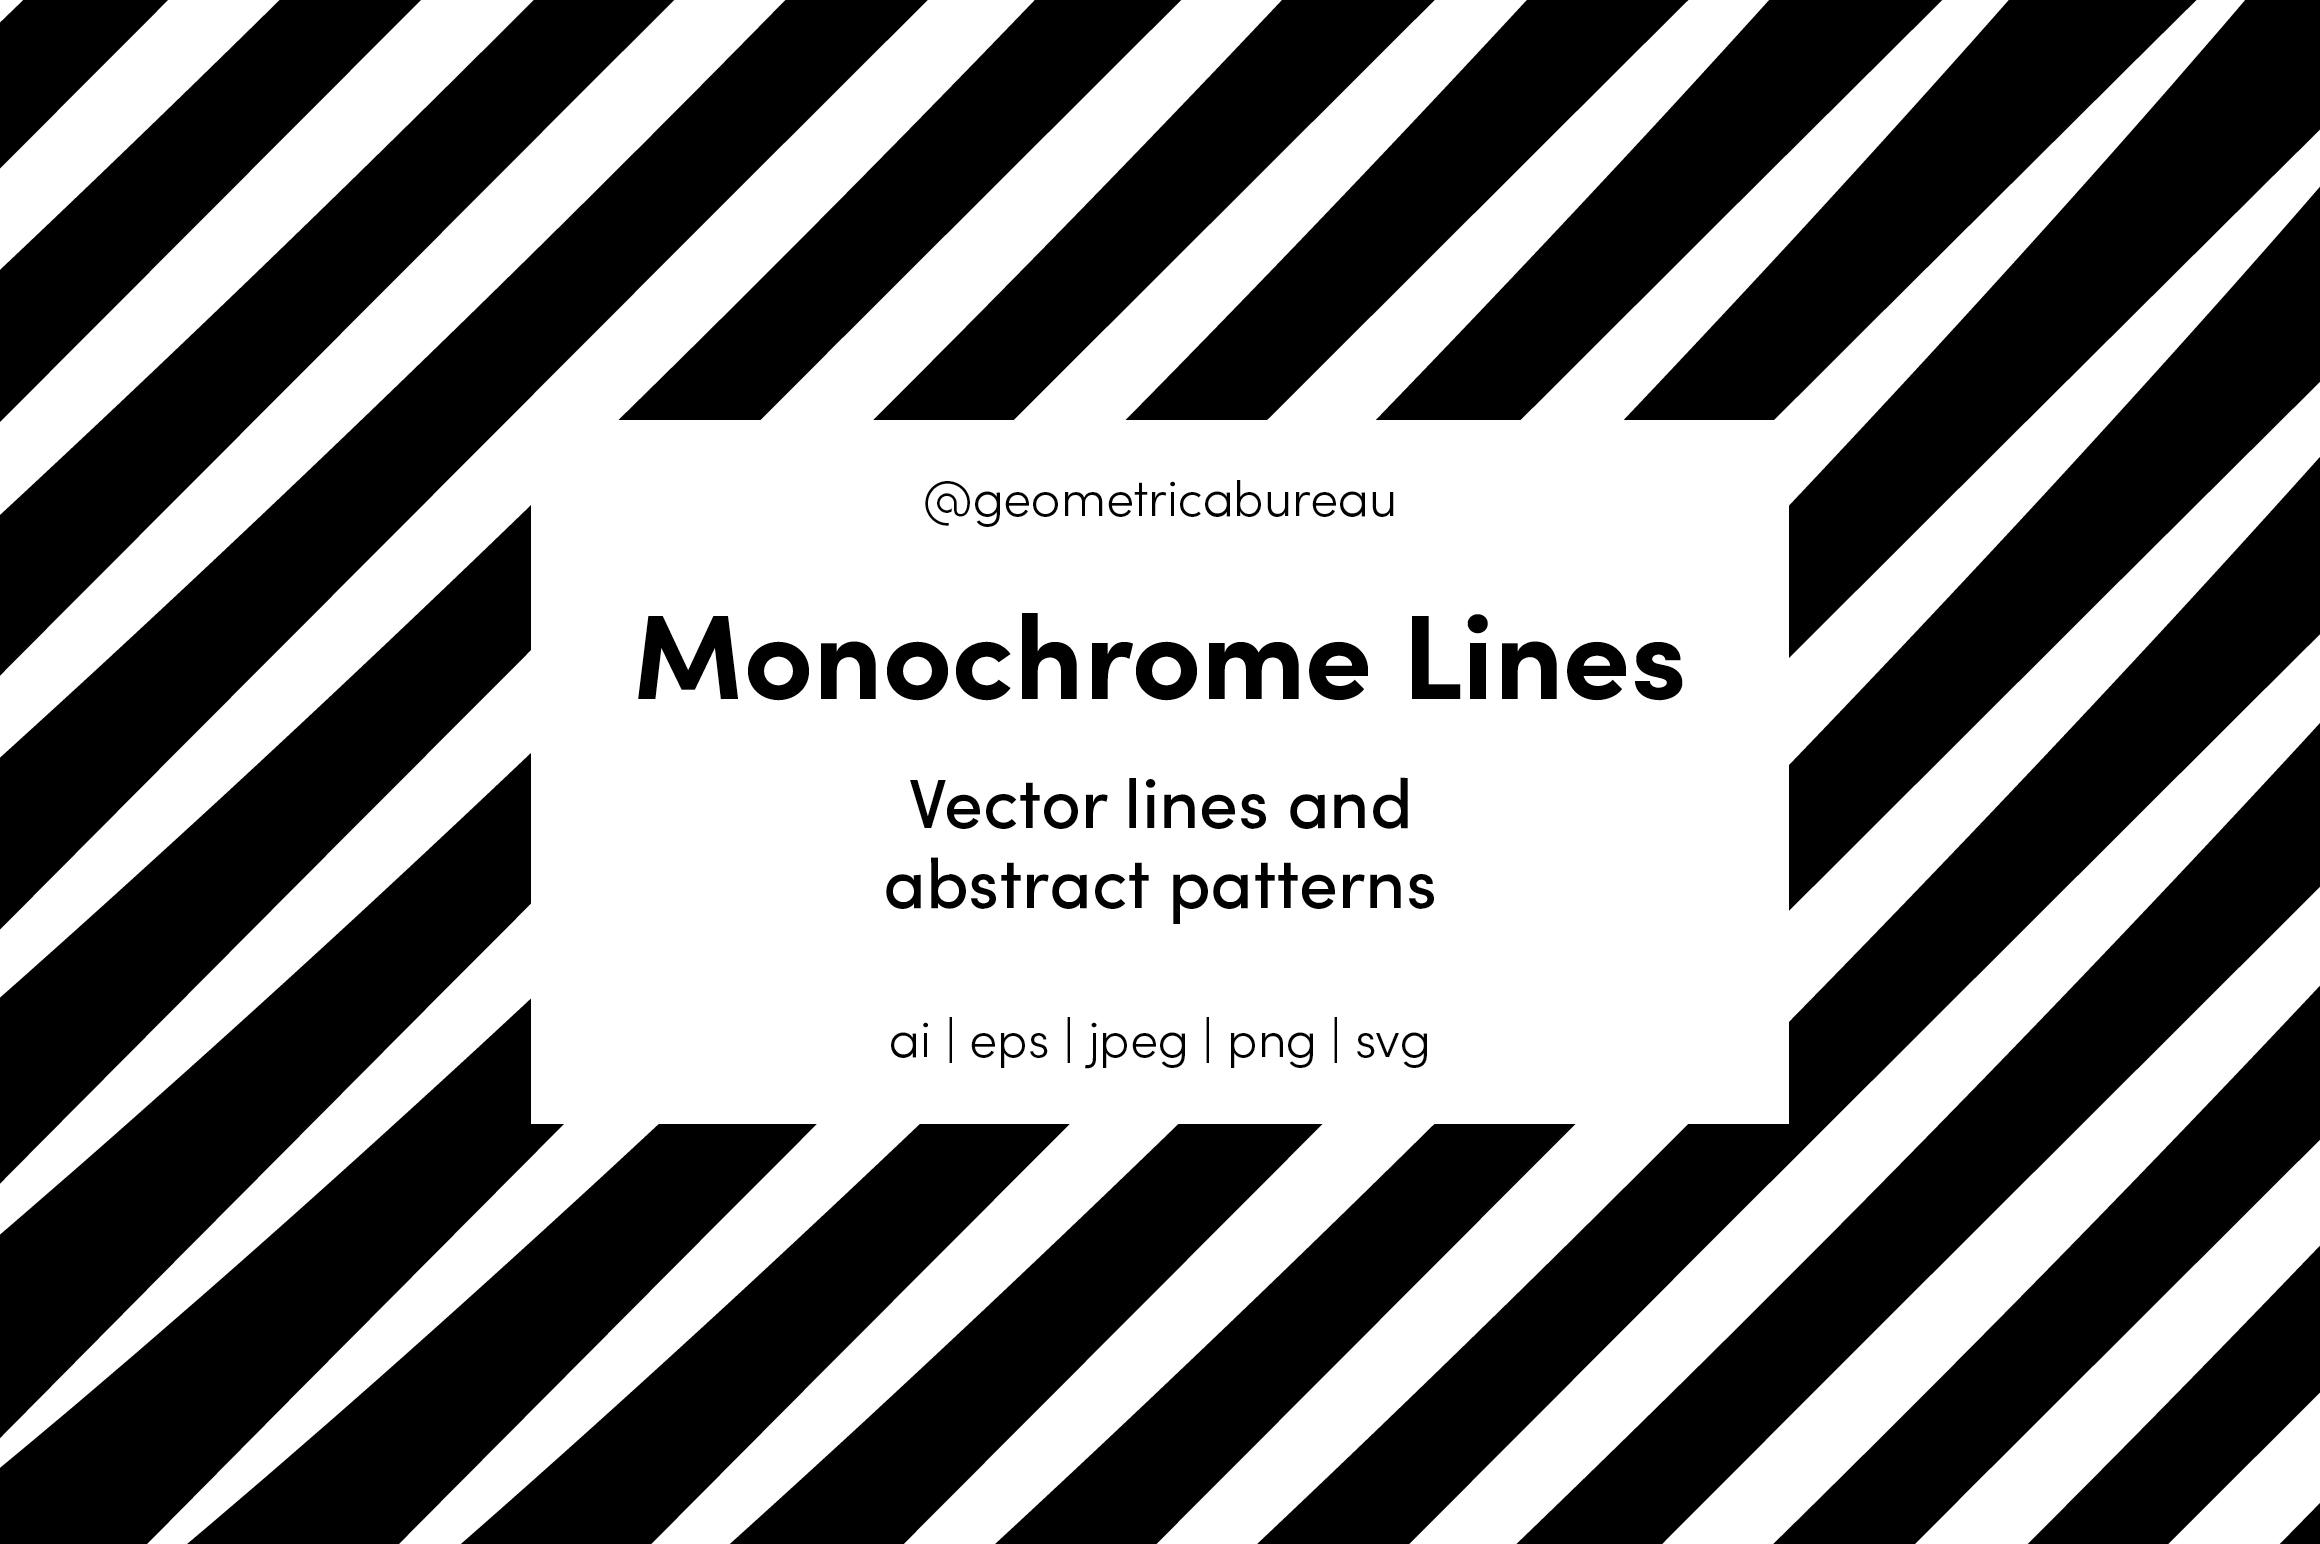 Monochrome Lines example image 1